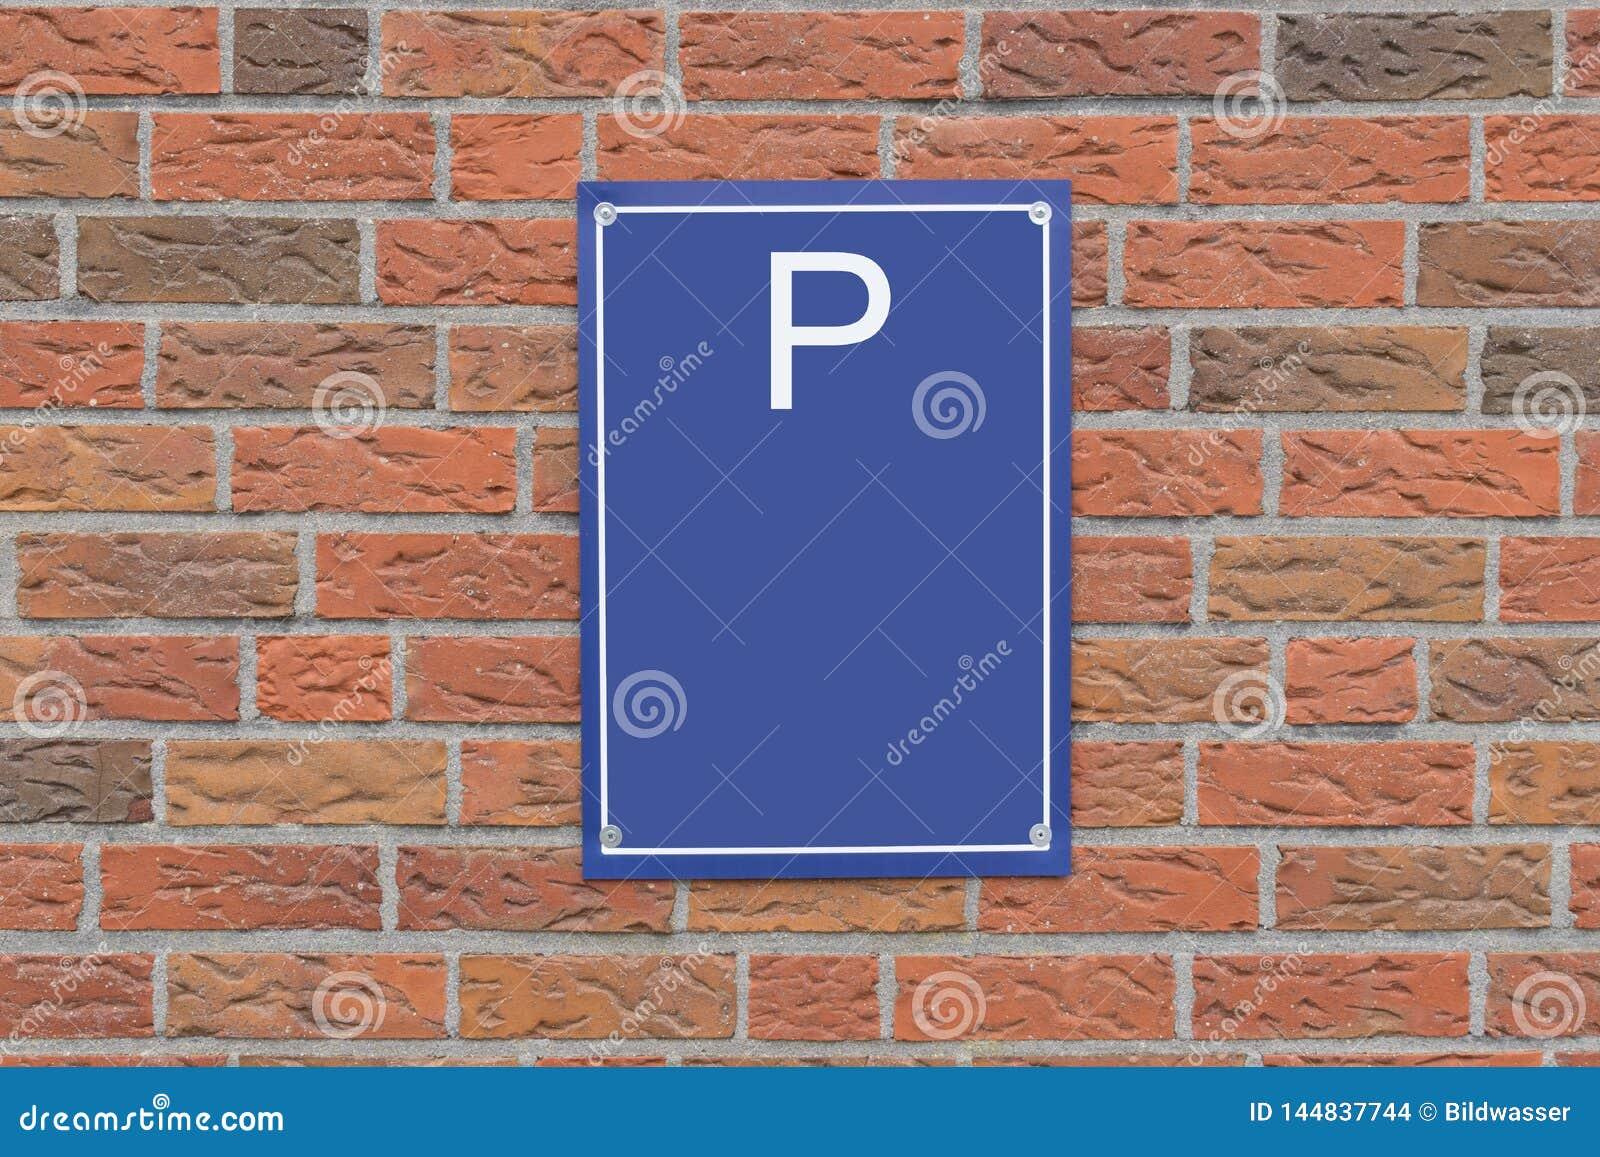 Σημάδι και τουβλότοιχος στάθμευσης Ελεύθερου χώρου